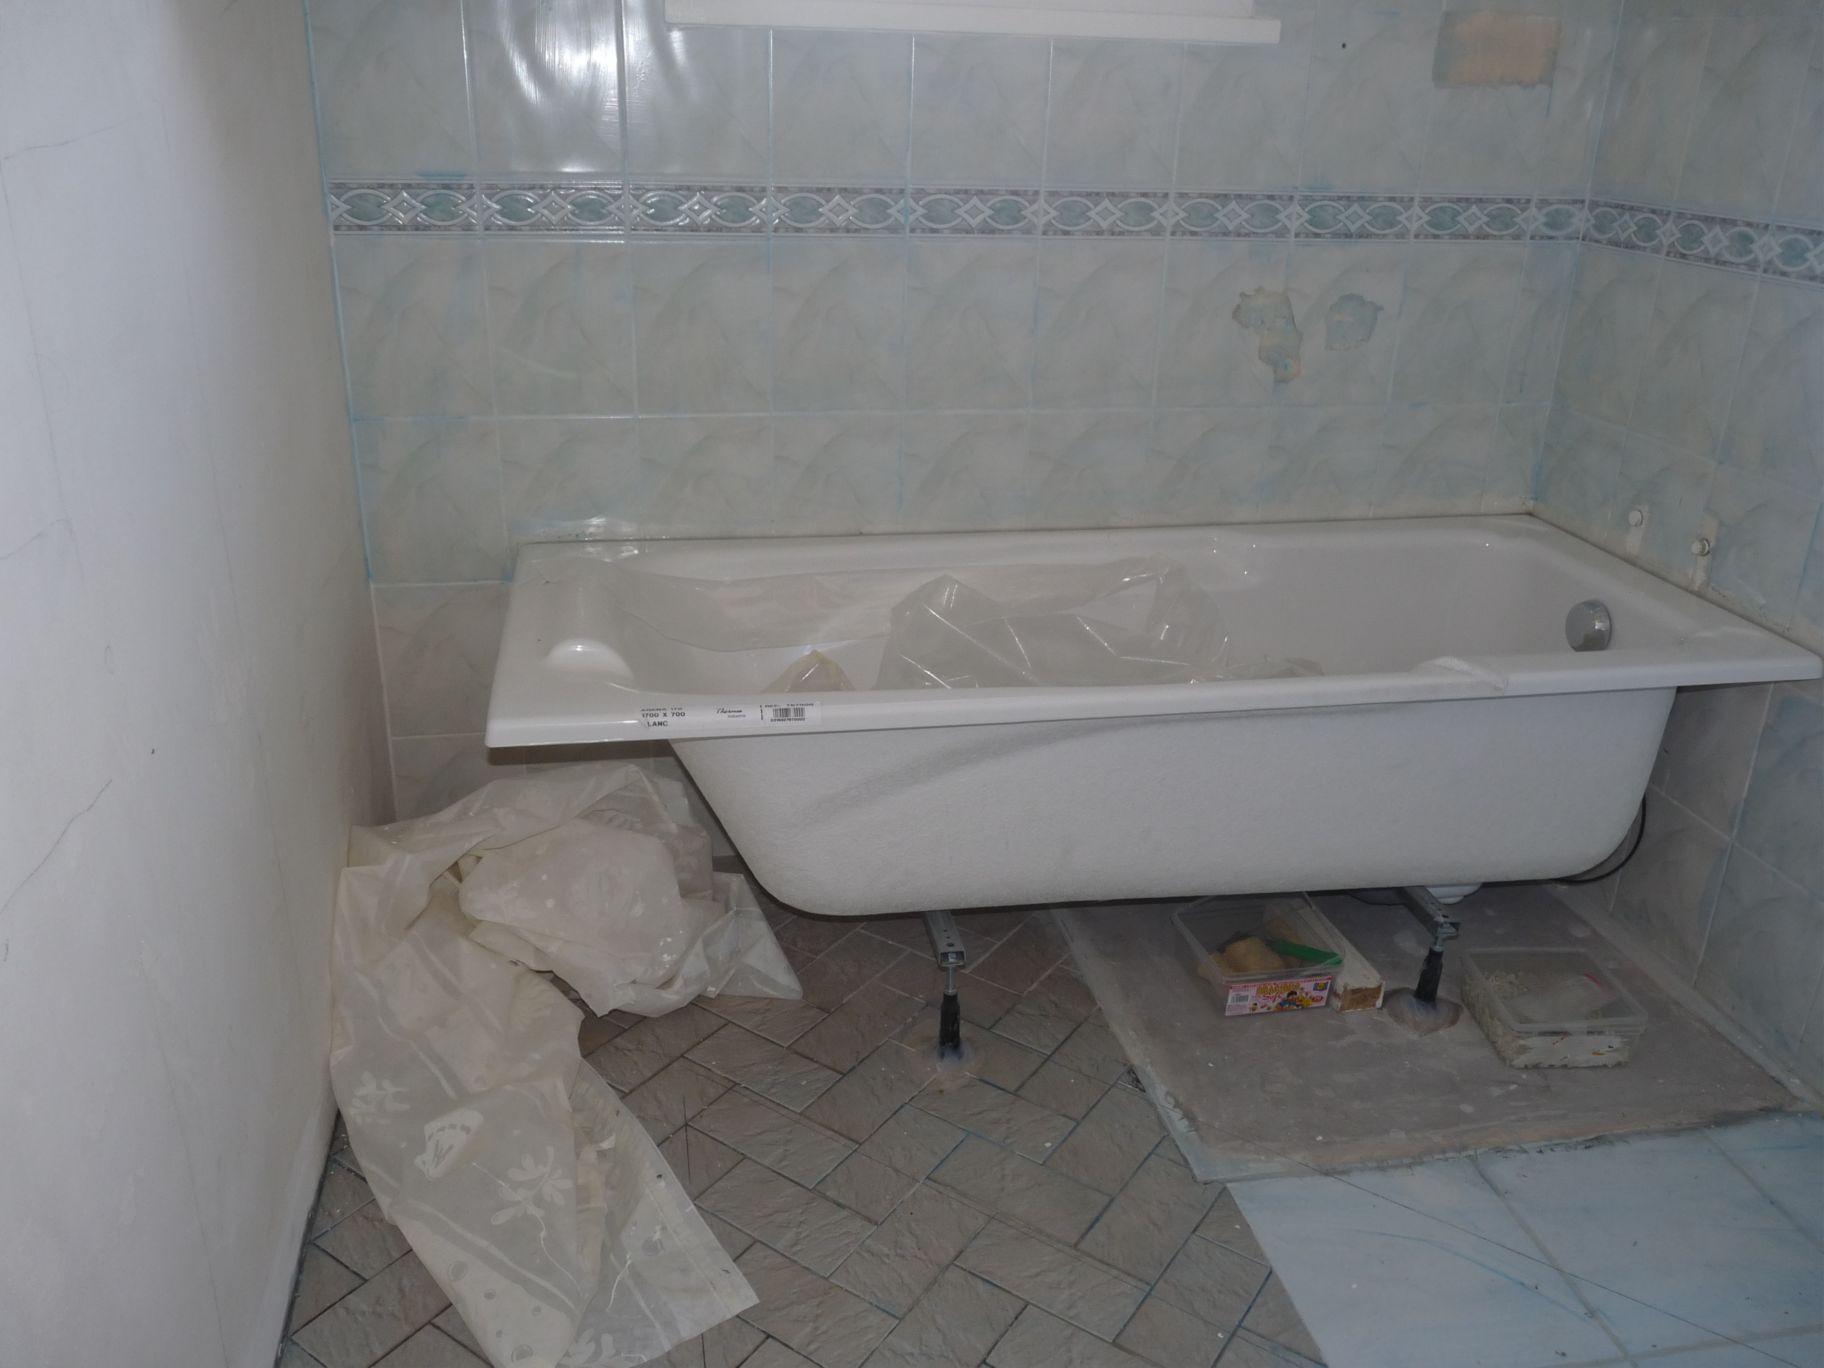 Habillage baignoire et espace arri re - Peut on repeindre une baignoire ...